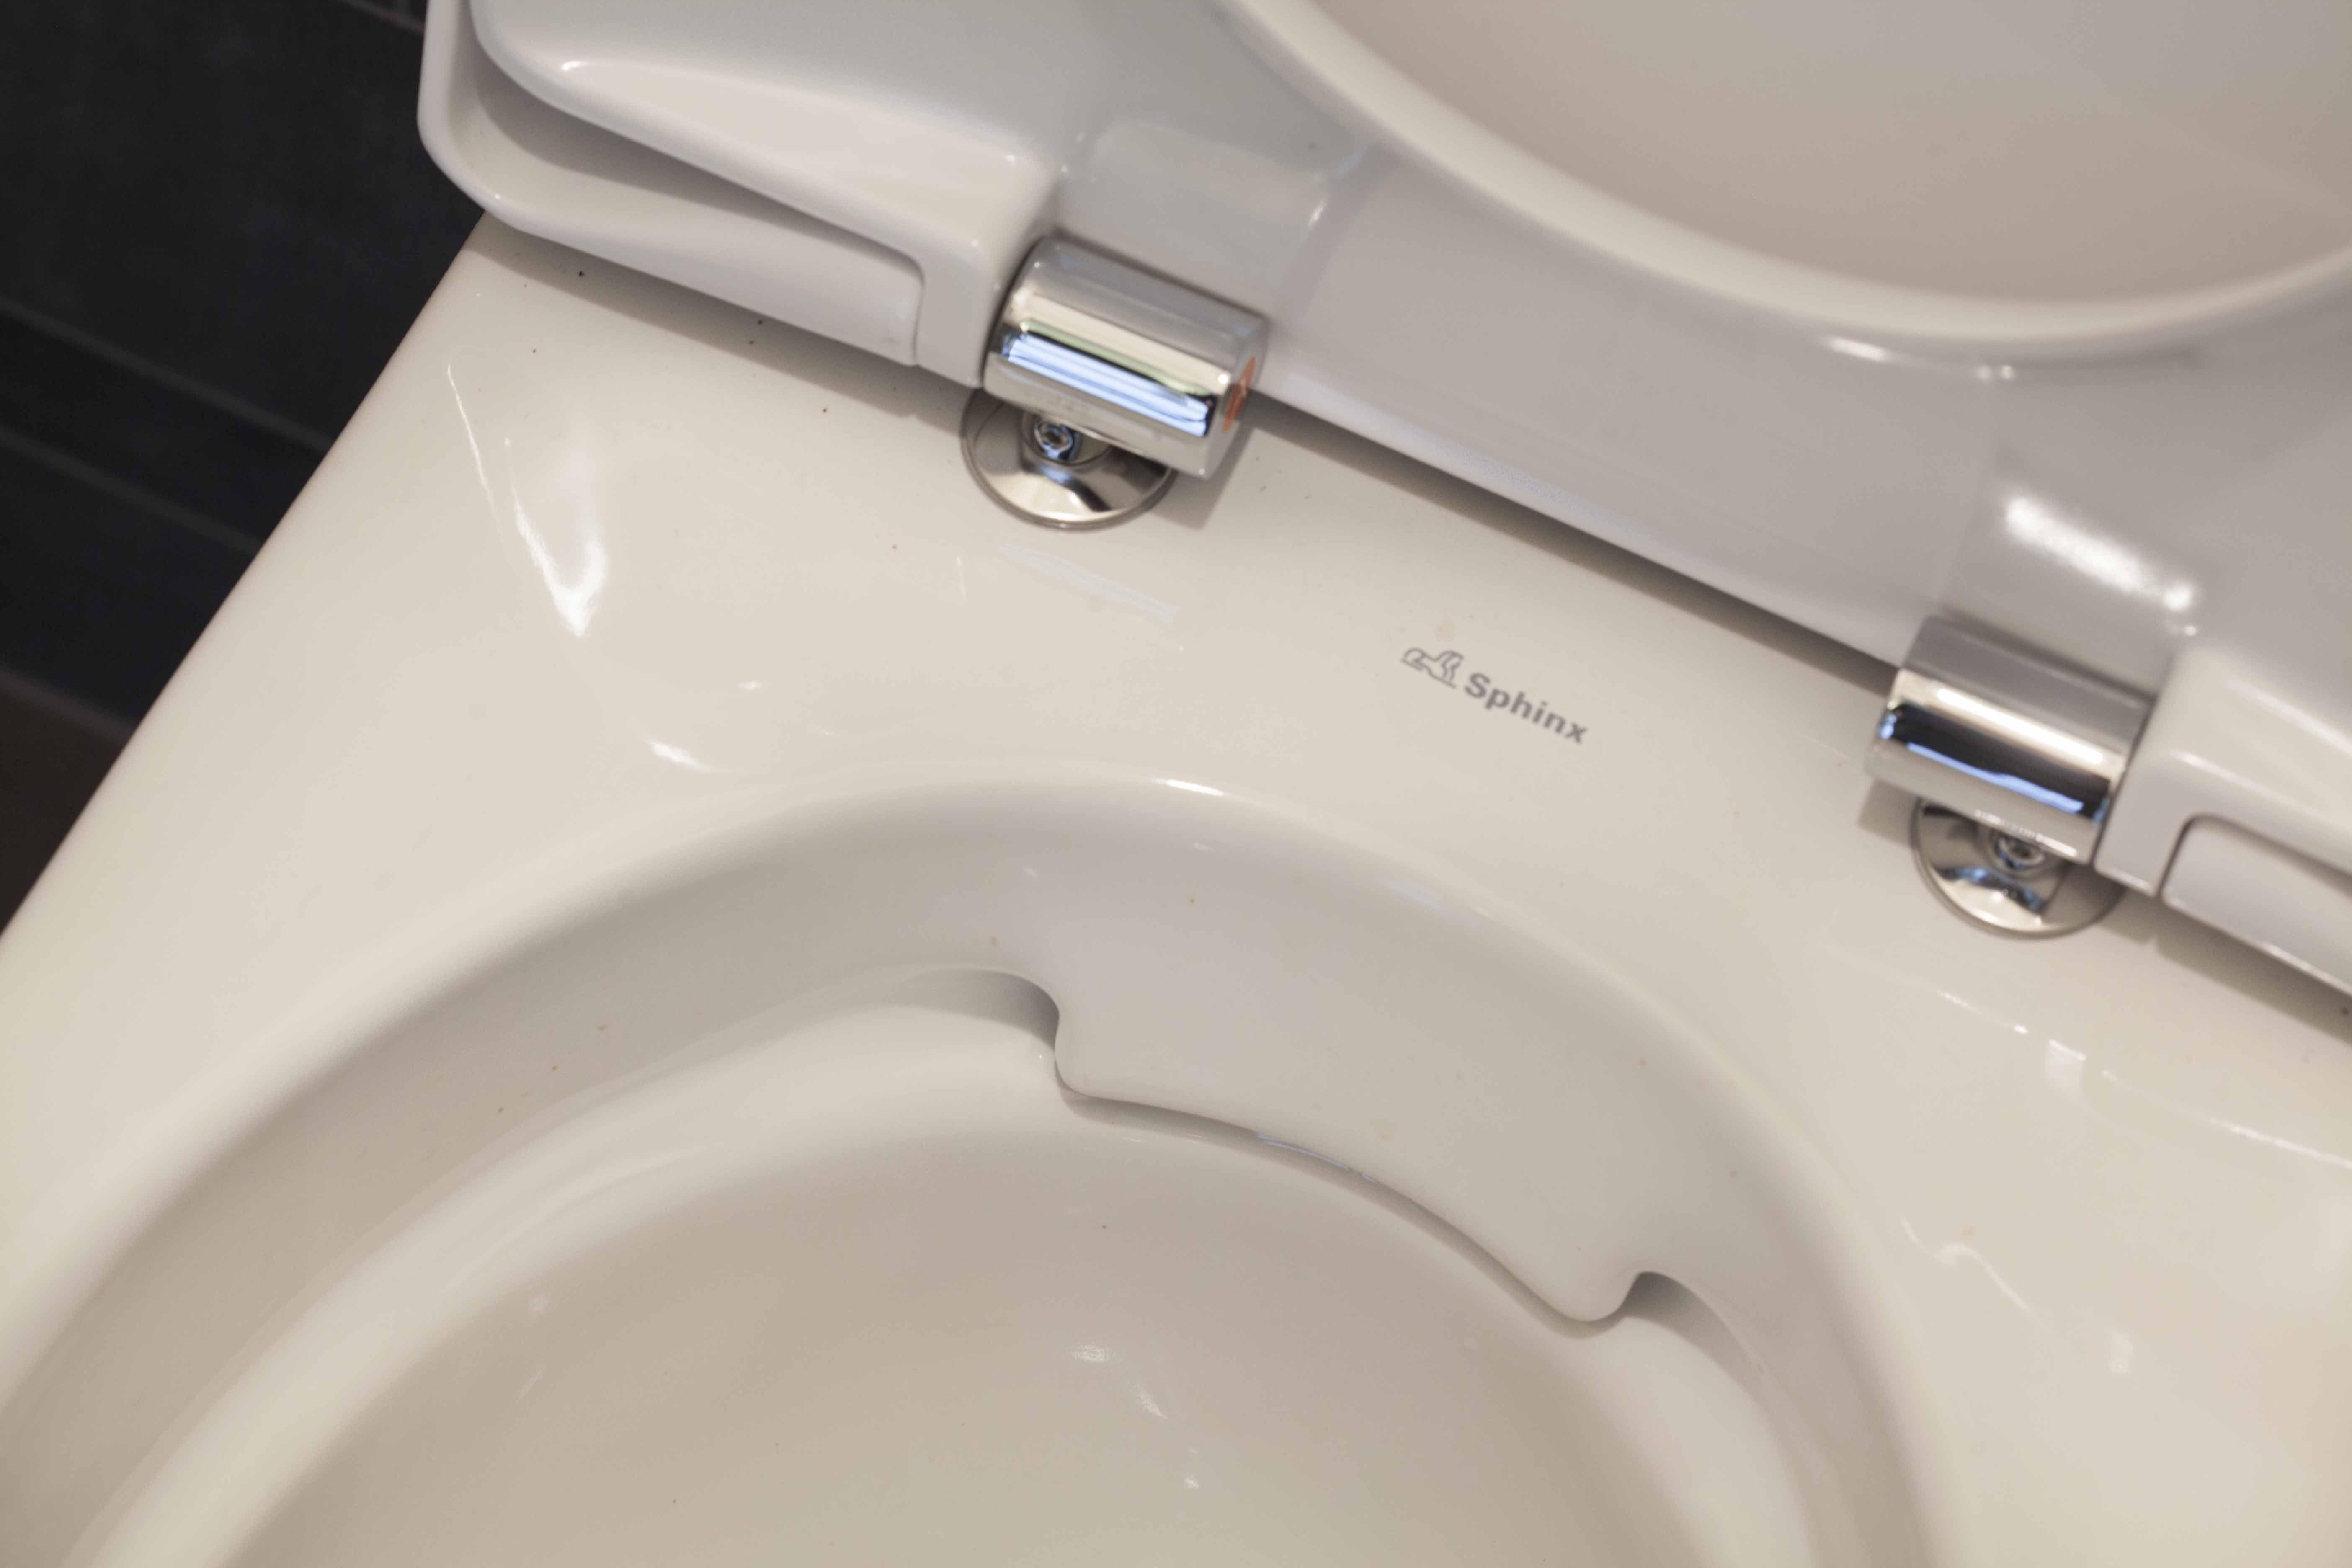 Toilet Zonder Spoelrand : Het toilet is voorzien van een sphinx rimfree toilet zonder